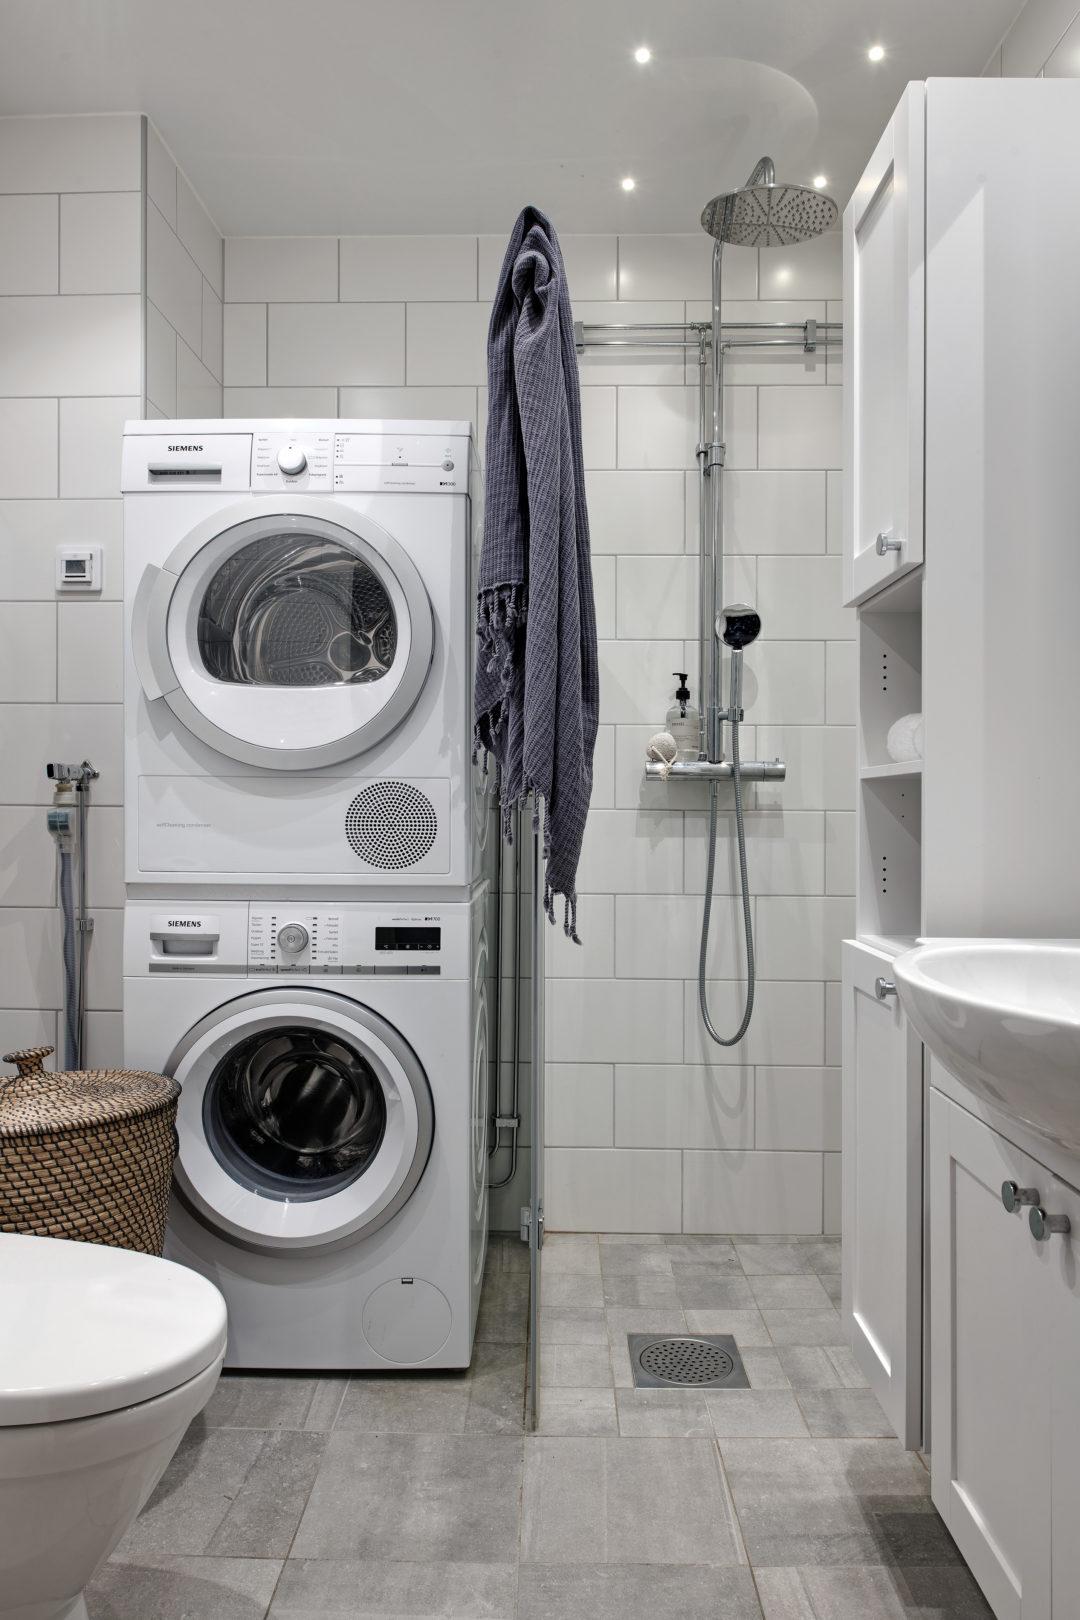 Espace Salle De Bain salle de -bain-petit-espace-amenagement (1) – aventure déco